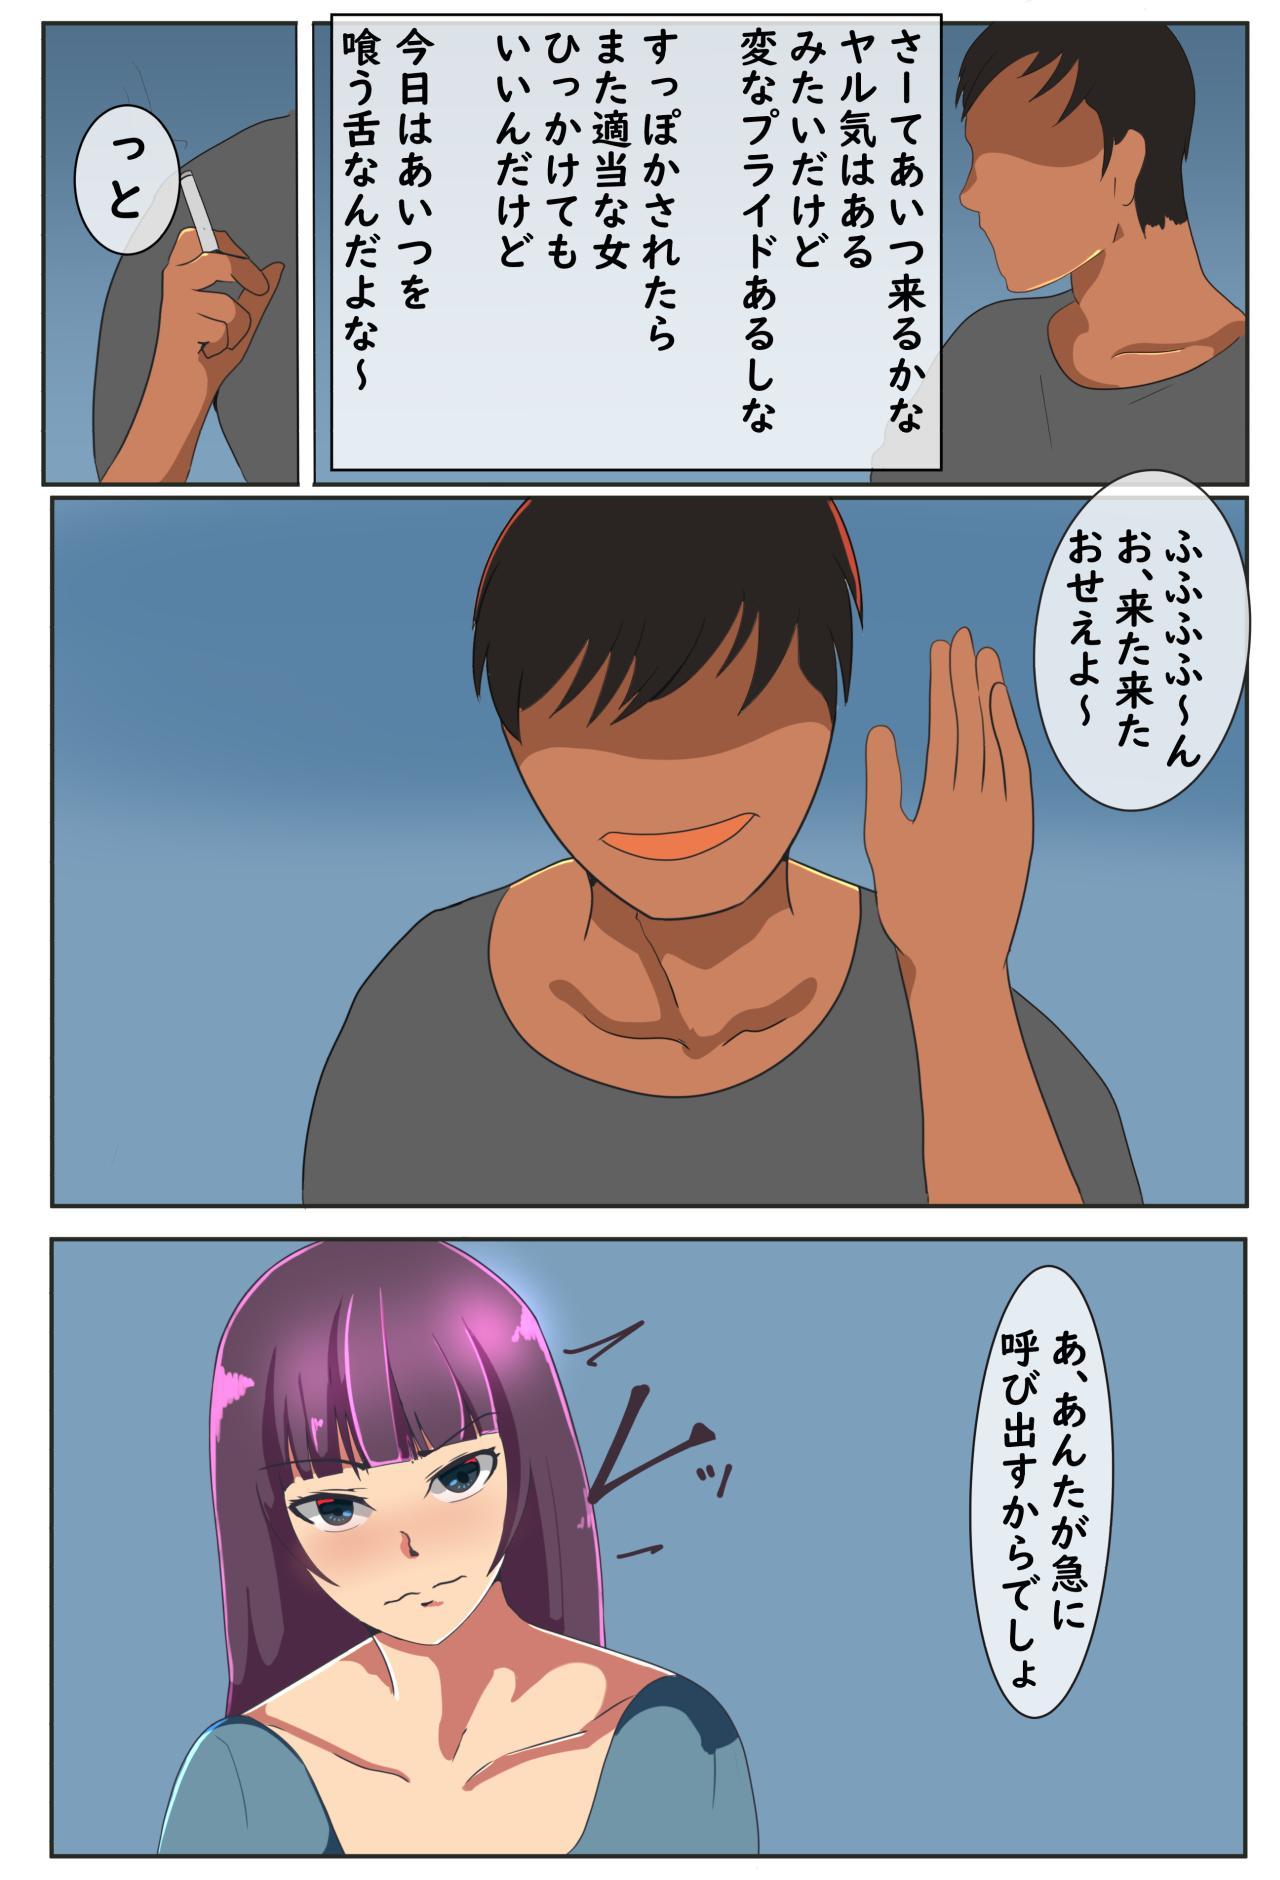 Tsukikosan NTR ~ tsuyokide oshi ni yowai kono hitotsuma 2